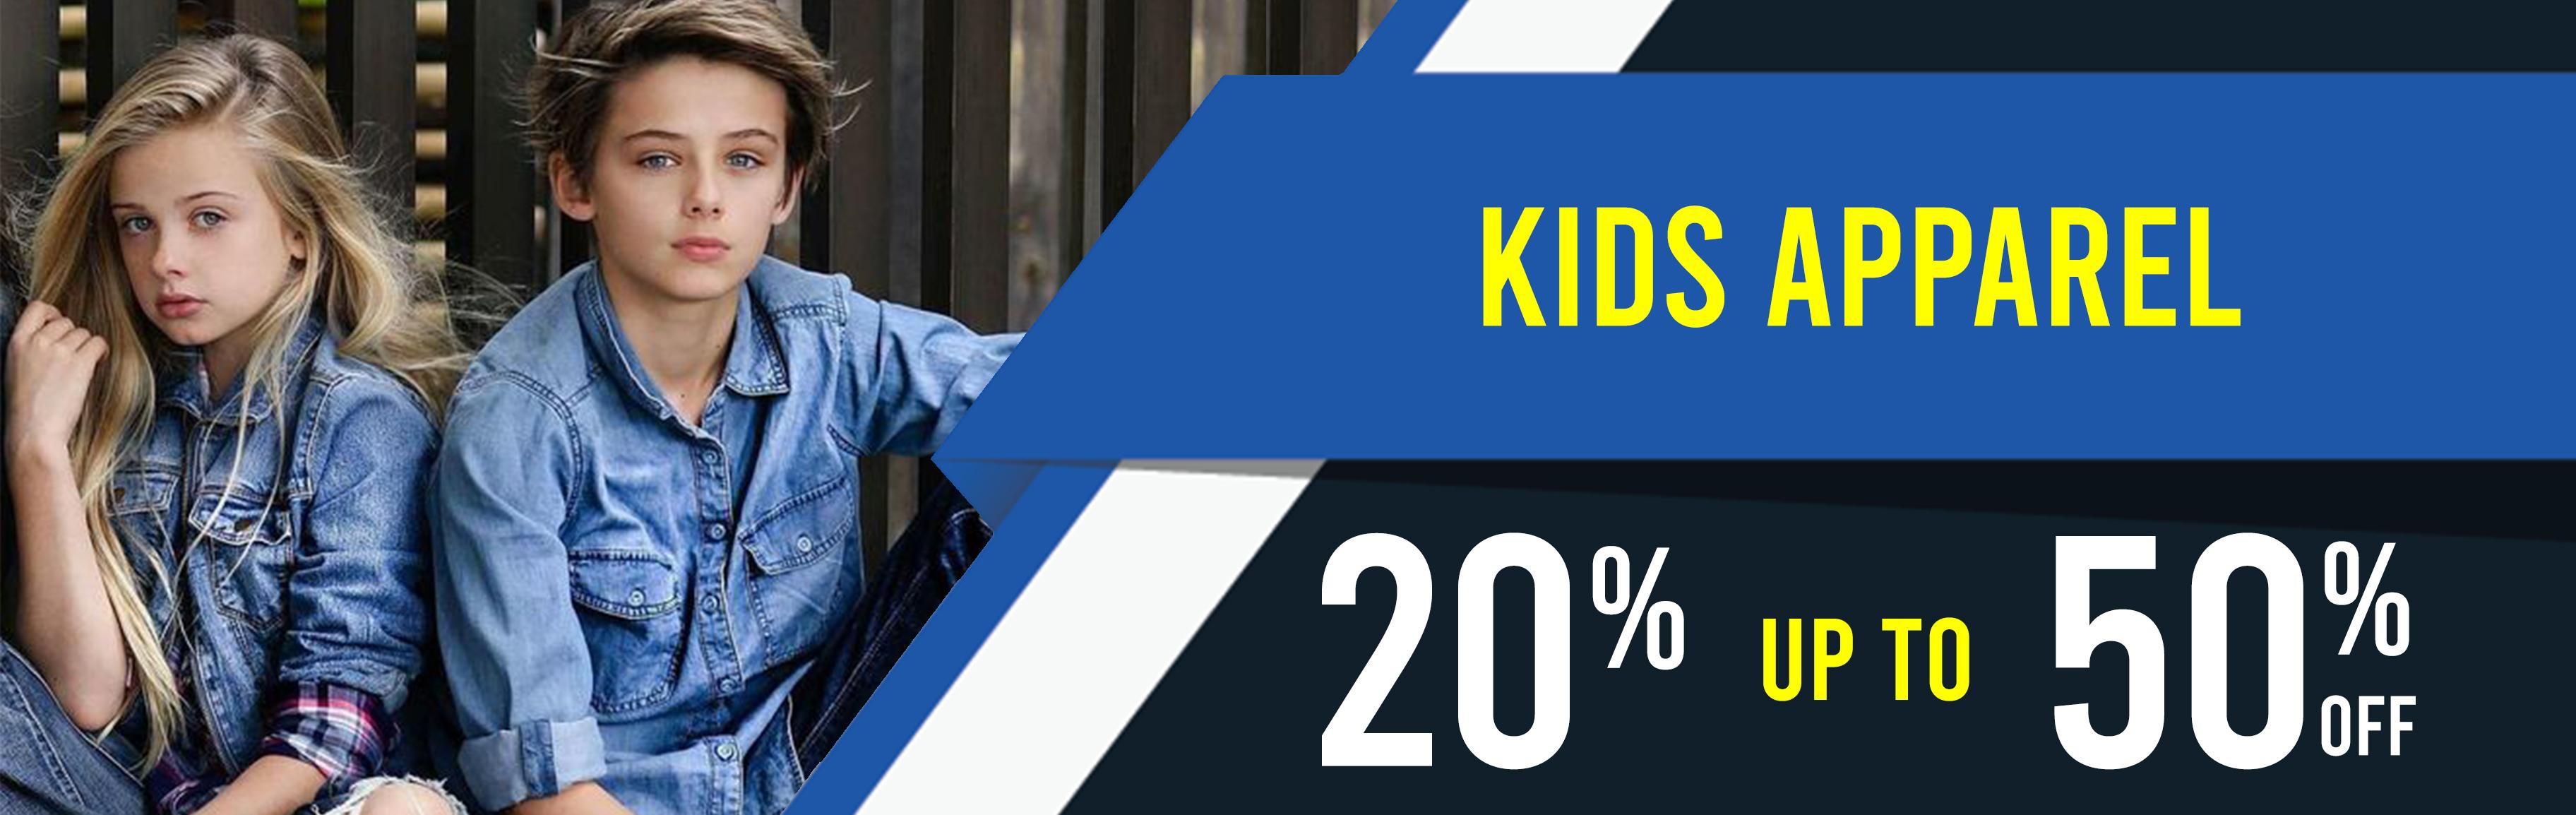 BULK OFFER BUY 3 GET 1O% OFF KIDS APPAREL